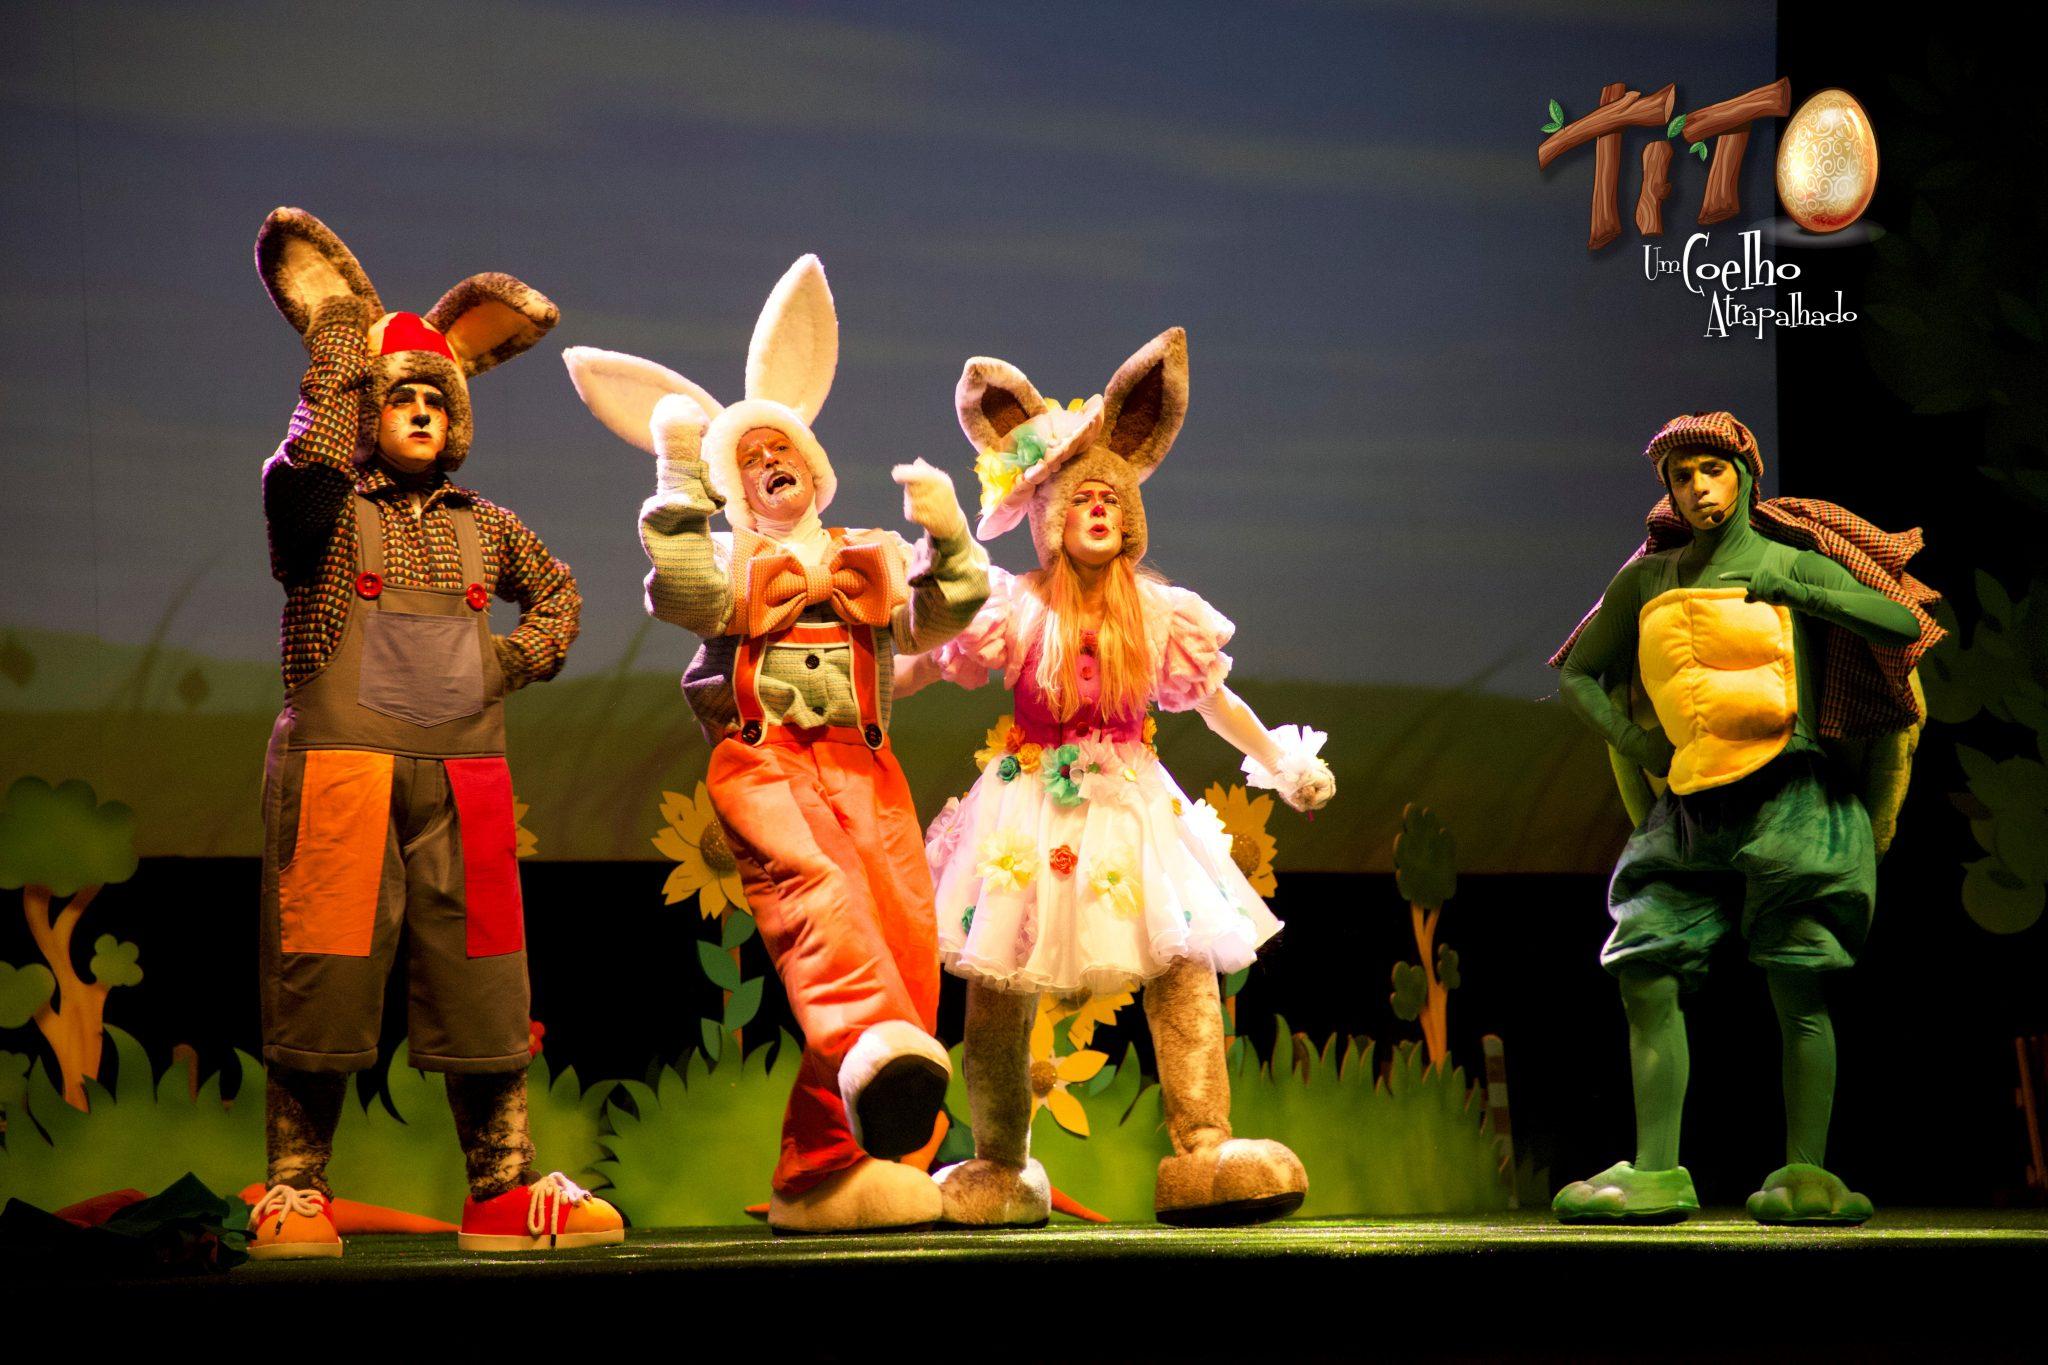 Espetáculo que acontece durante a Páscoa em Gramado 2021, de 13 de março à 04 de abril.